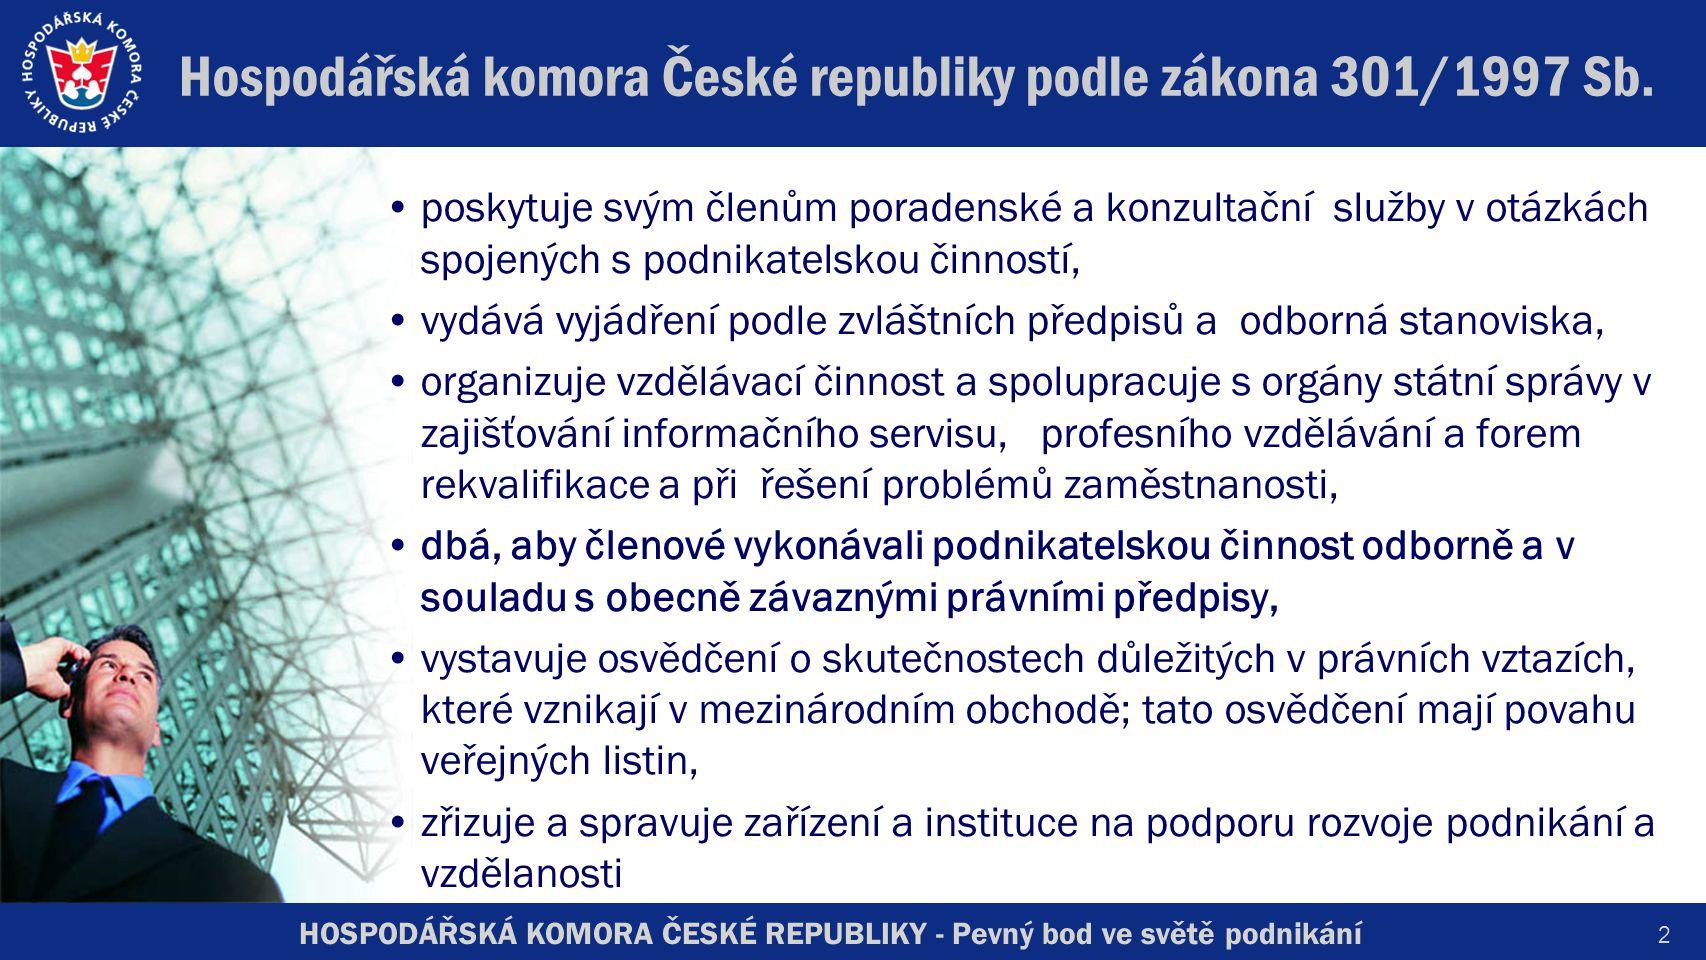 HOSPODÁŘSKÁ KOMORA ČESKÉ REPUBLIKY - Pevný bod ve světě podnikání Hospodářská komora České republiky podle zákona 301/1997 Sb.